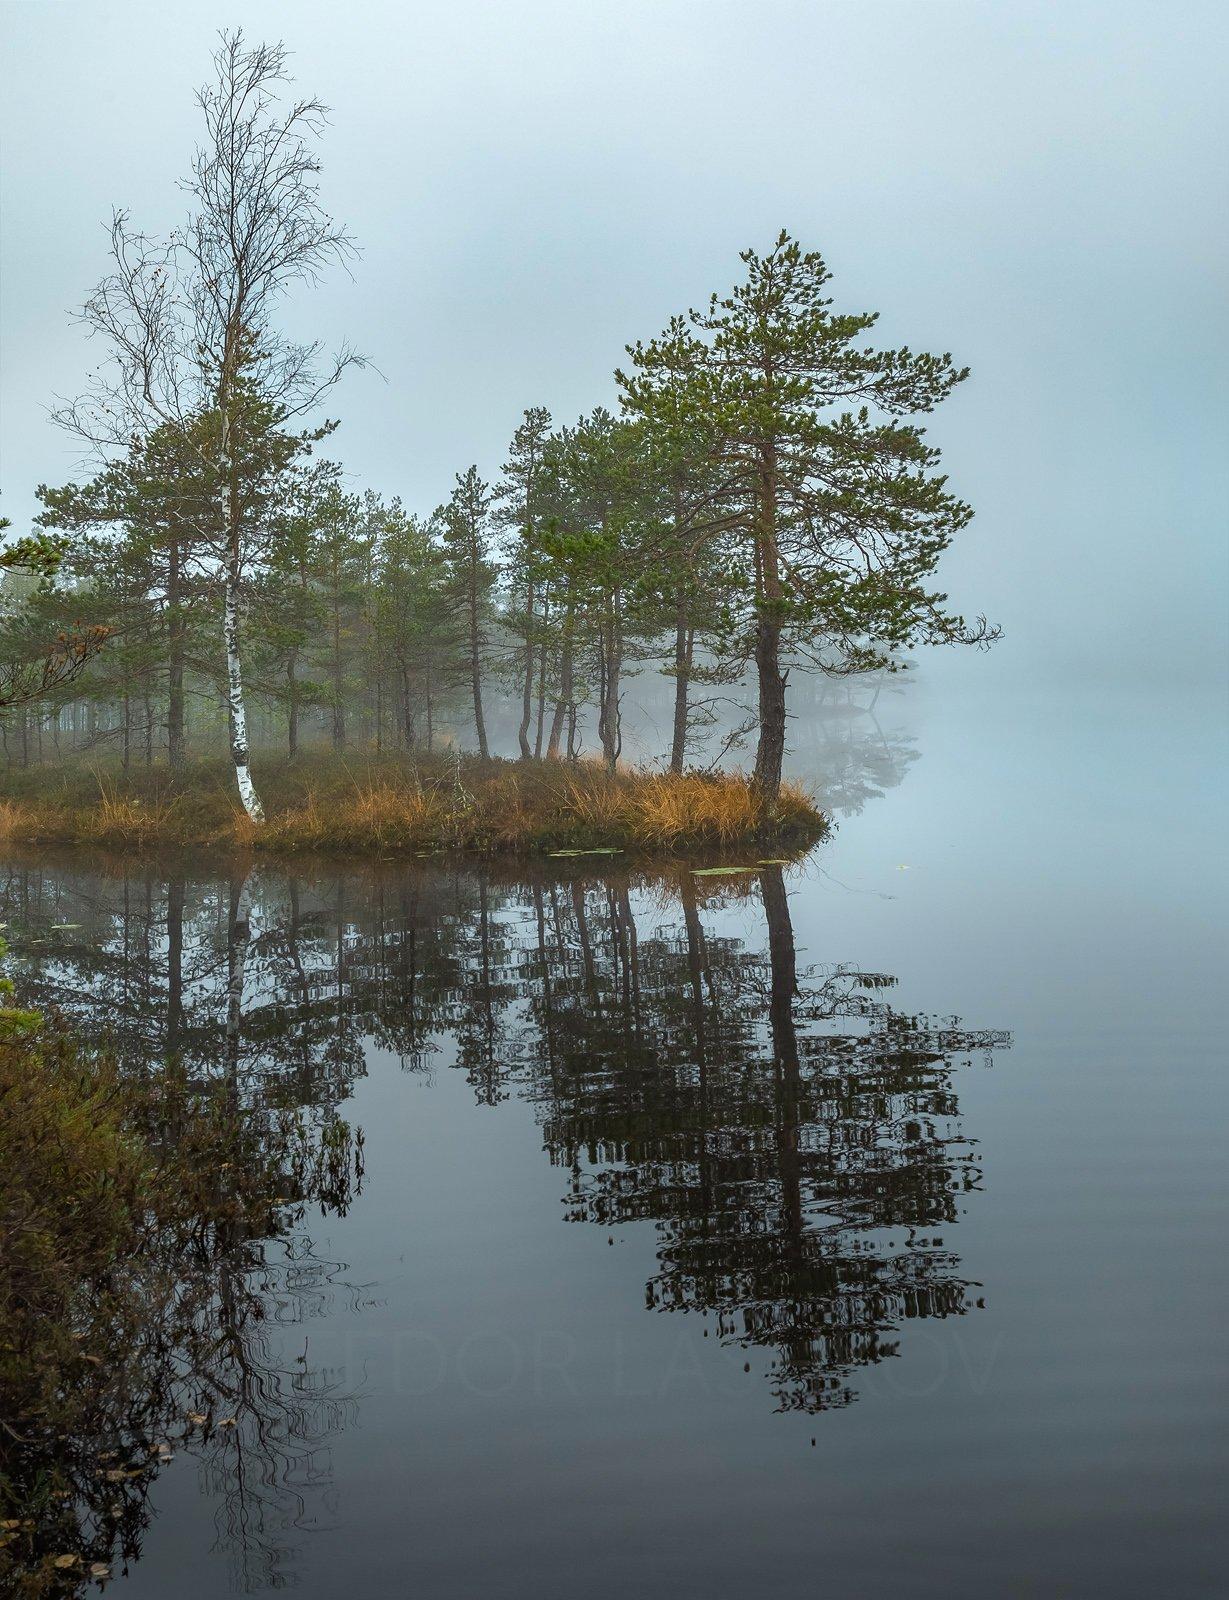 ленинградская область, рассвет, осень, пасмурно, сосна, озеро, туман, отражение, деревья, берег, непогода, серый, мыс,, Лашков Фёдор